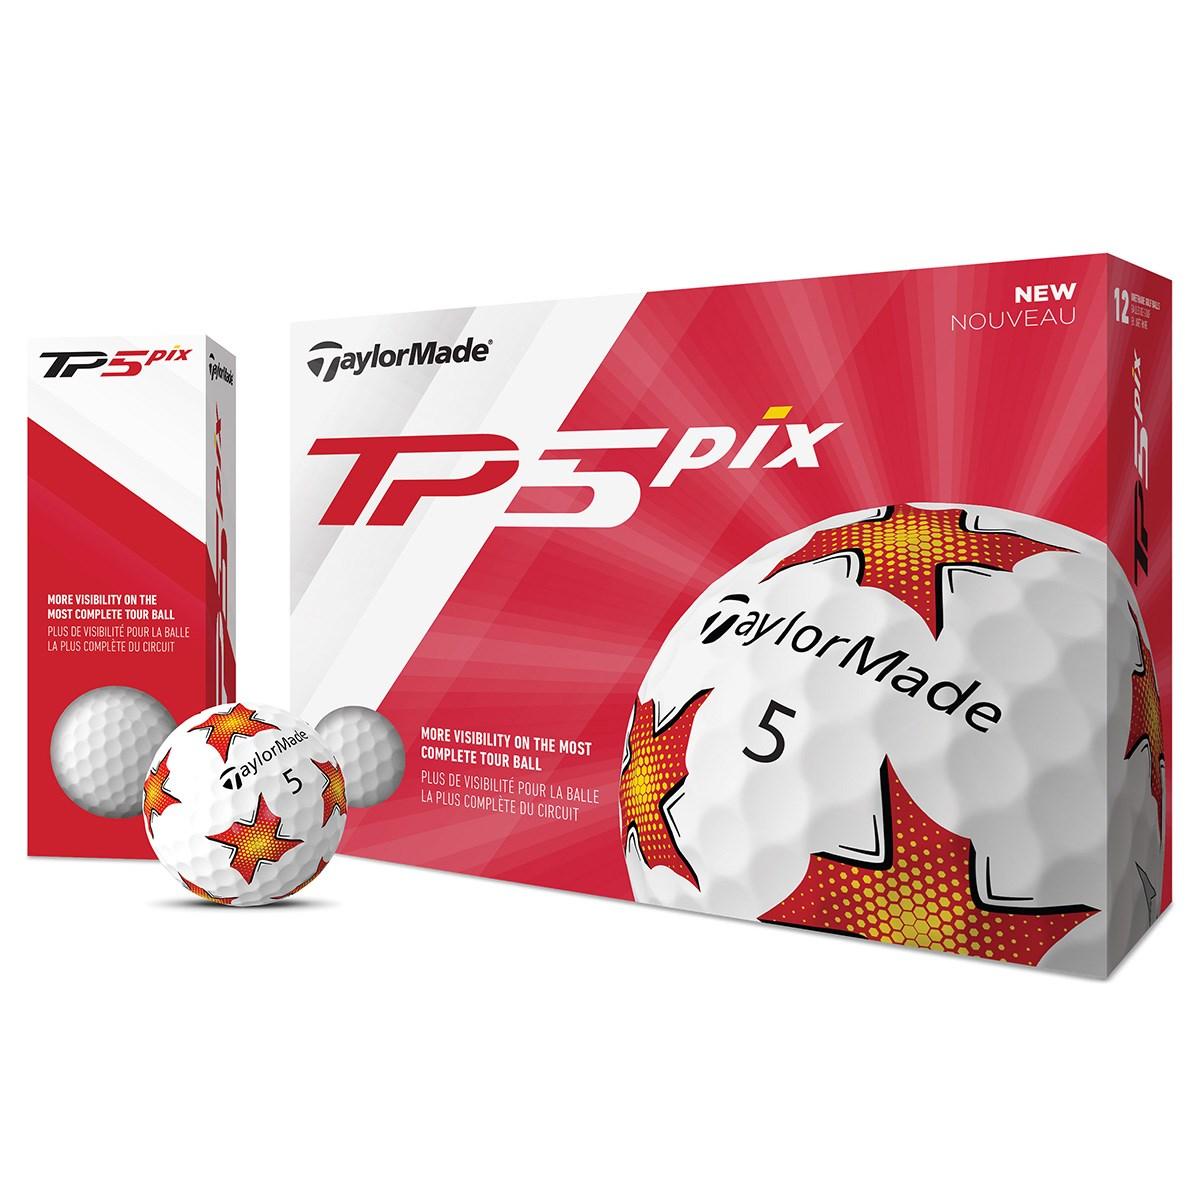 テーラーメイド(Taylor Made) TP5 pix ボール